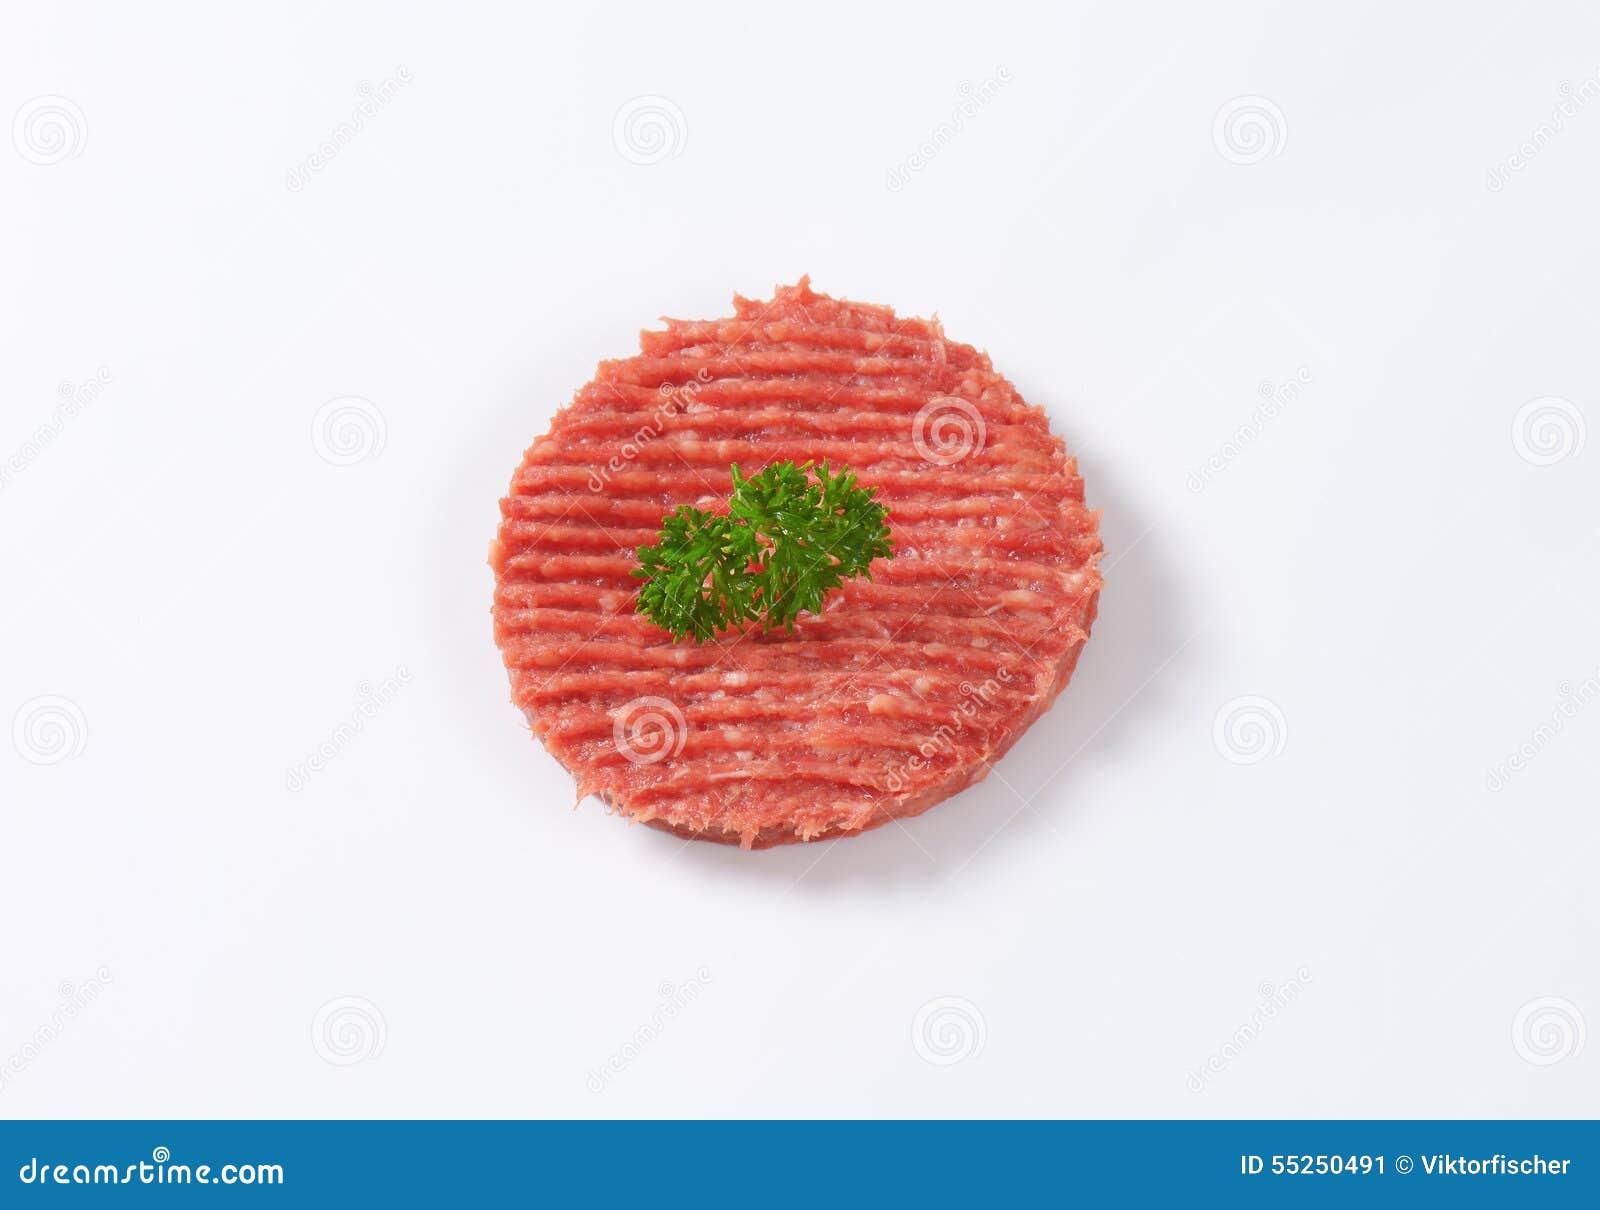 Hamburger single patty